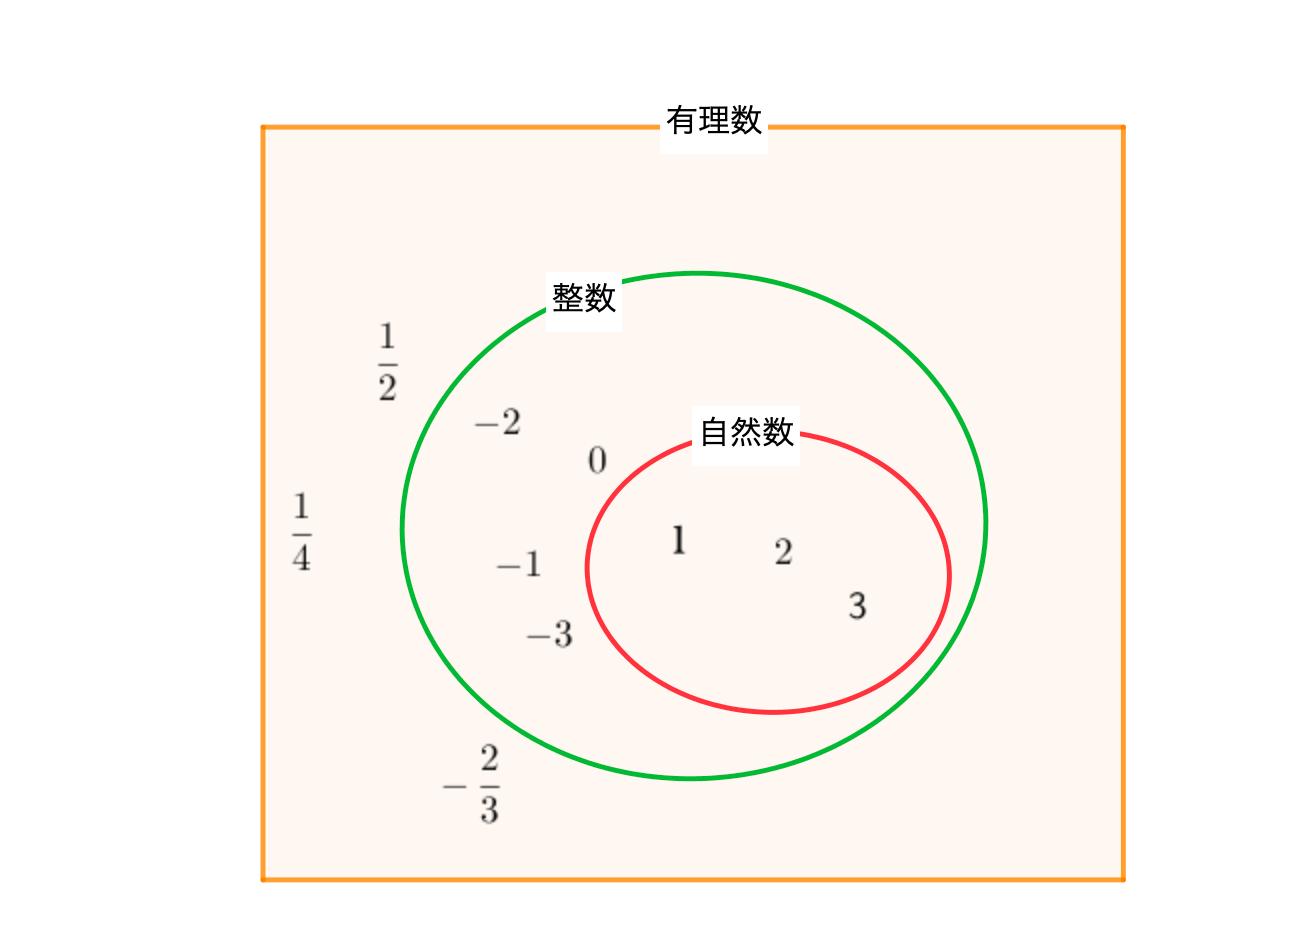 自然数と整数、有理数の関係